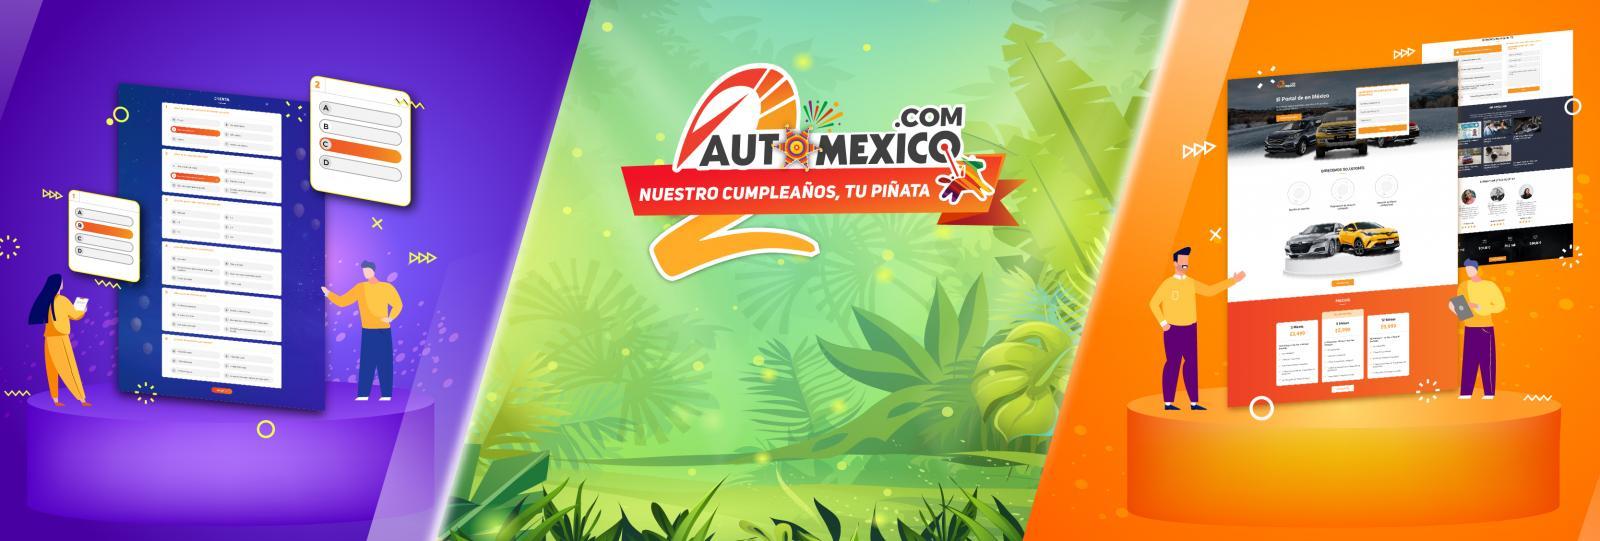 El nuevo look de Automexico.com en motivo del segundo aniversario